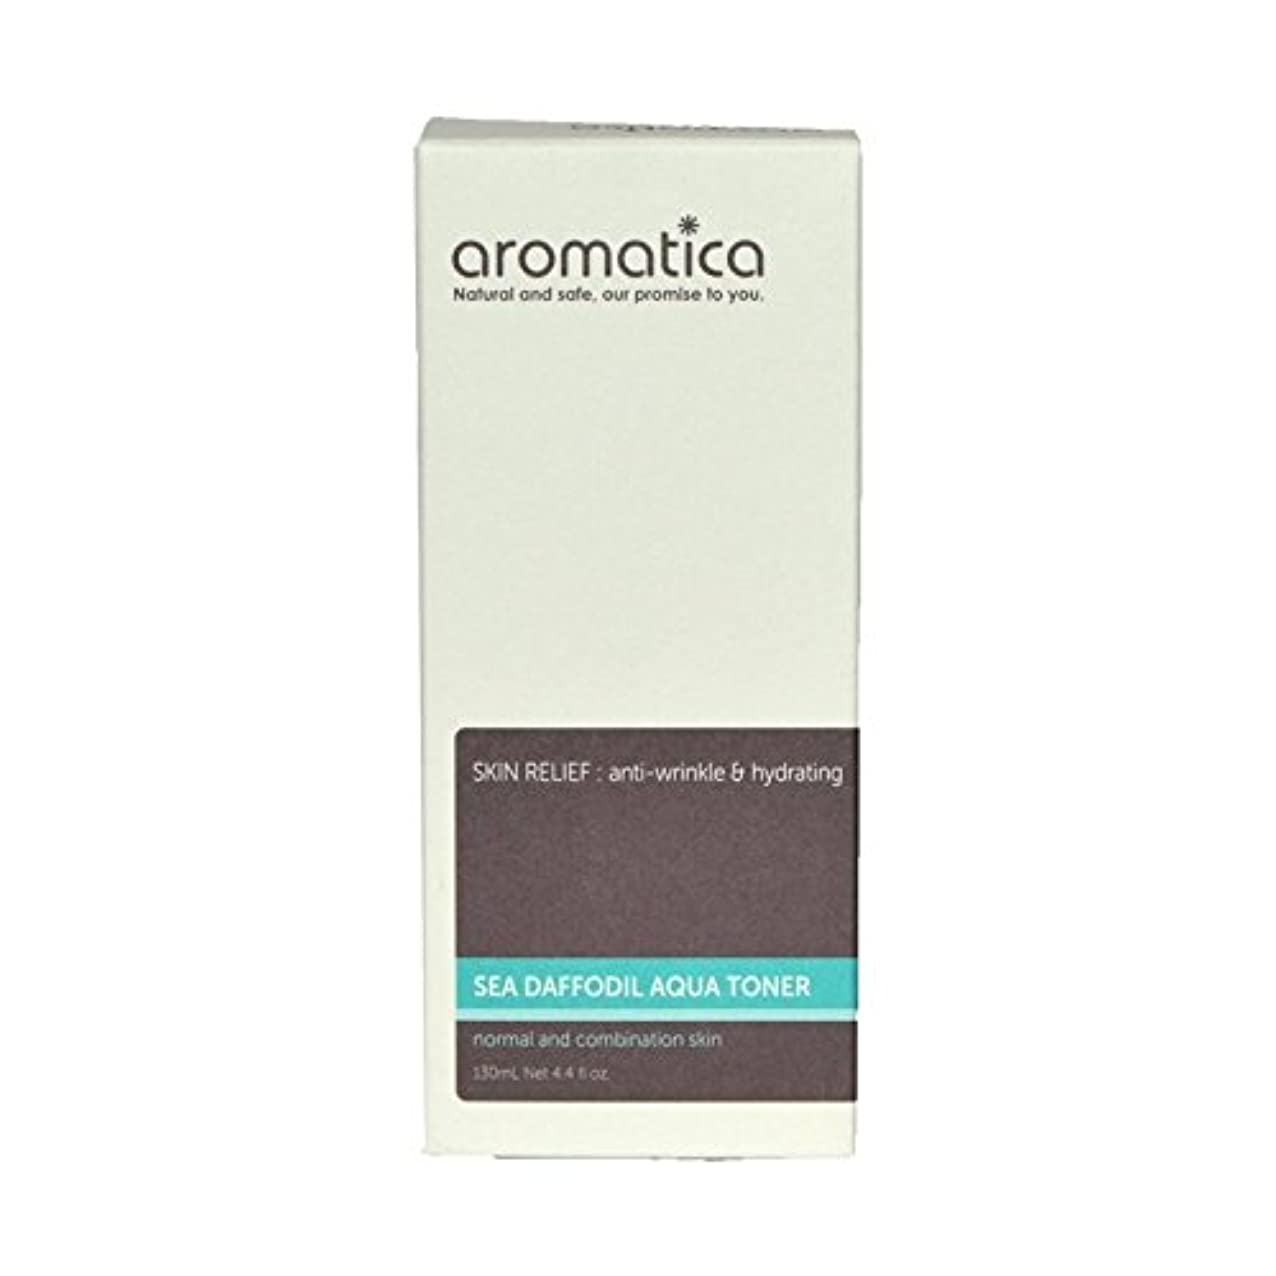 バルセロナかる散歩に行く海スイセンアクアトナー130ミリリットル x2 - aromatica Sea Daffodil Aqua Toner 130ml (Pack of 2) [並行輸入品]